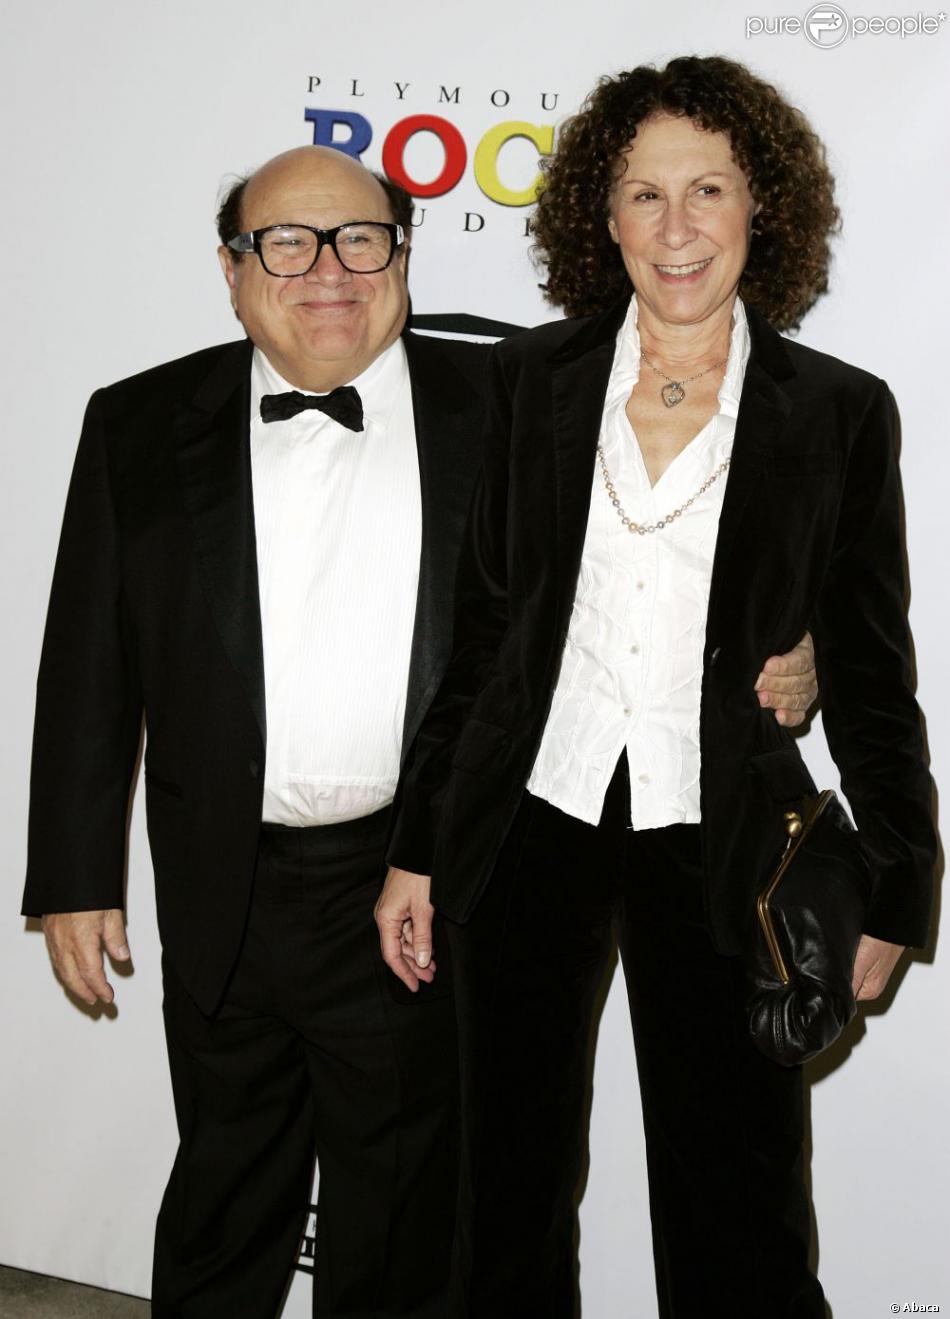 Danny DeVito et Rhea Perlman à Los Angeles, le 24 janvier 2009.